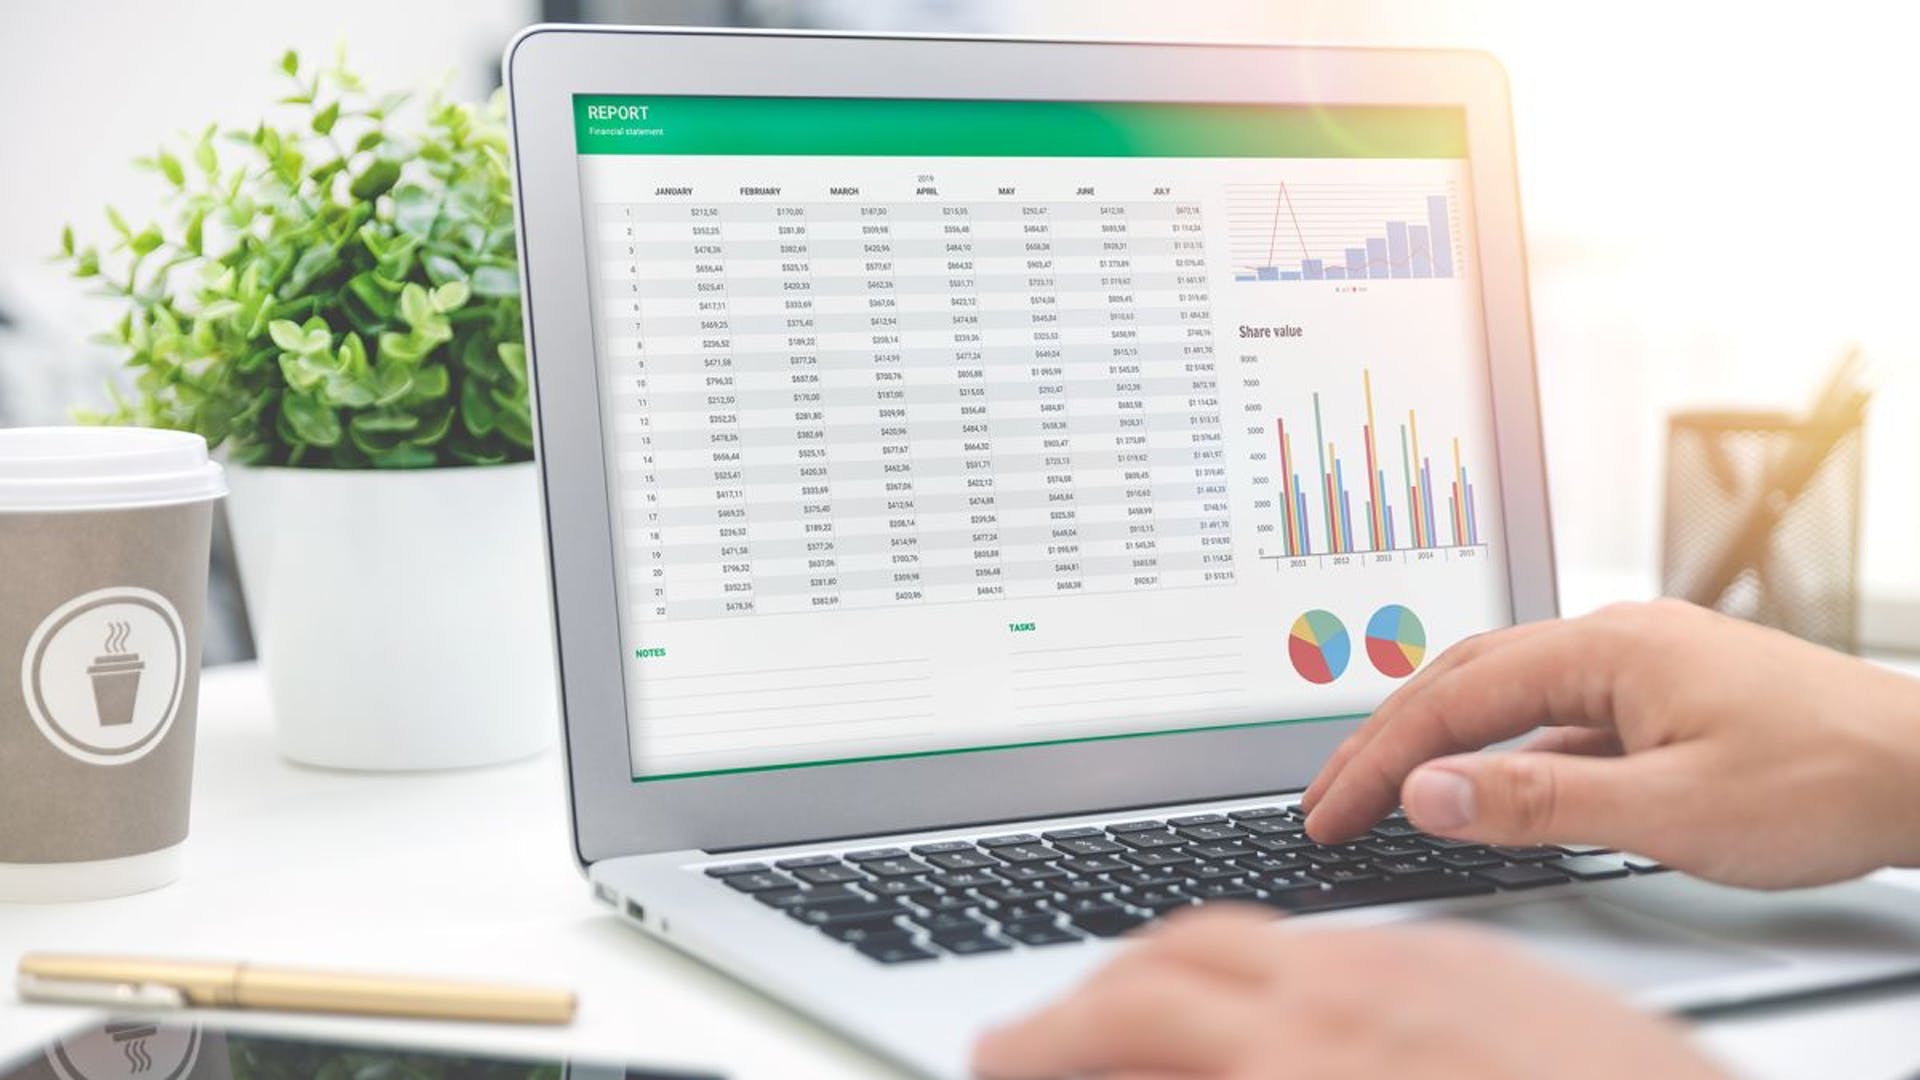 ¿Convertir Excel a pdf? Aprende cómo hacerlo en 2 simples pasos